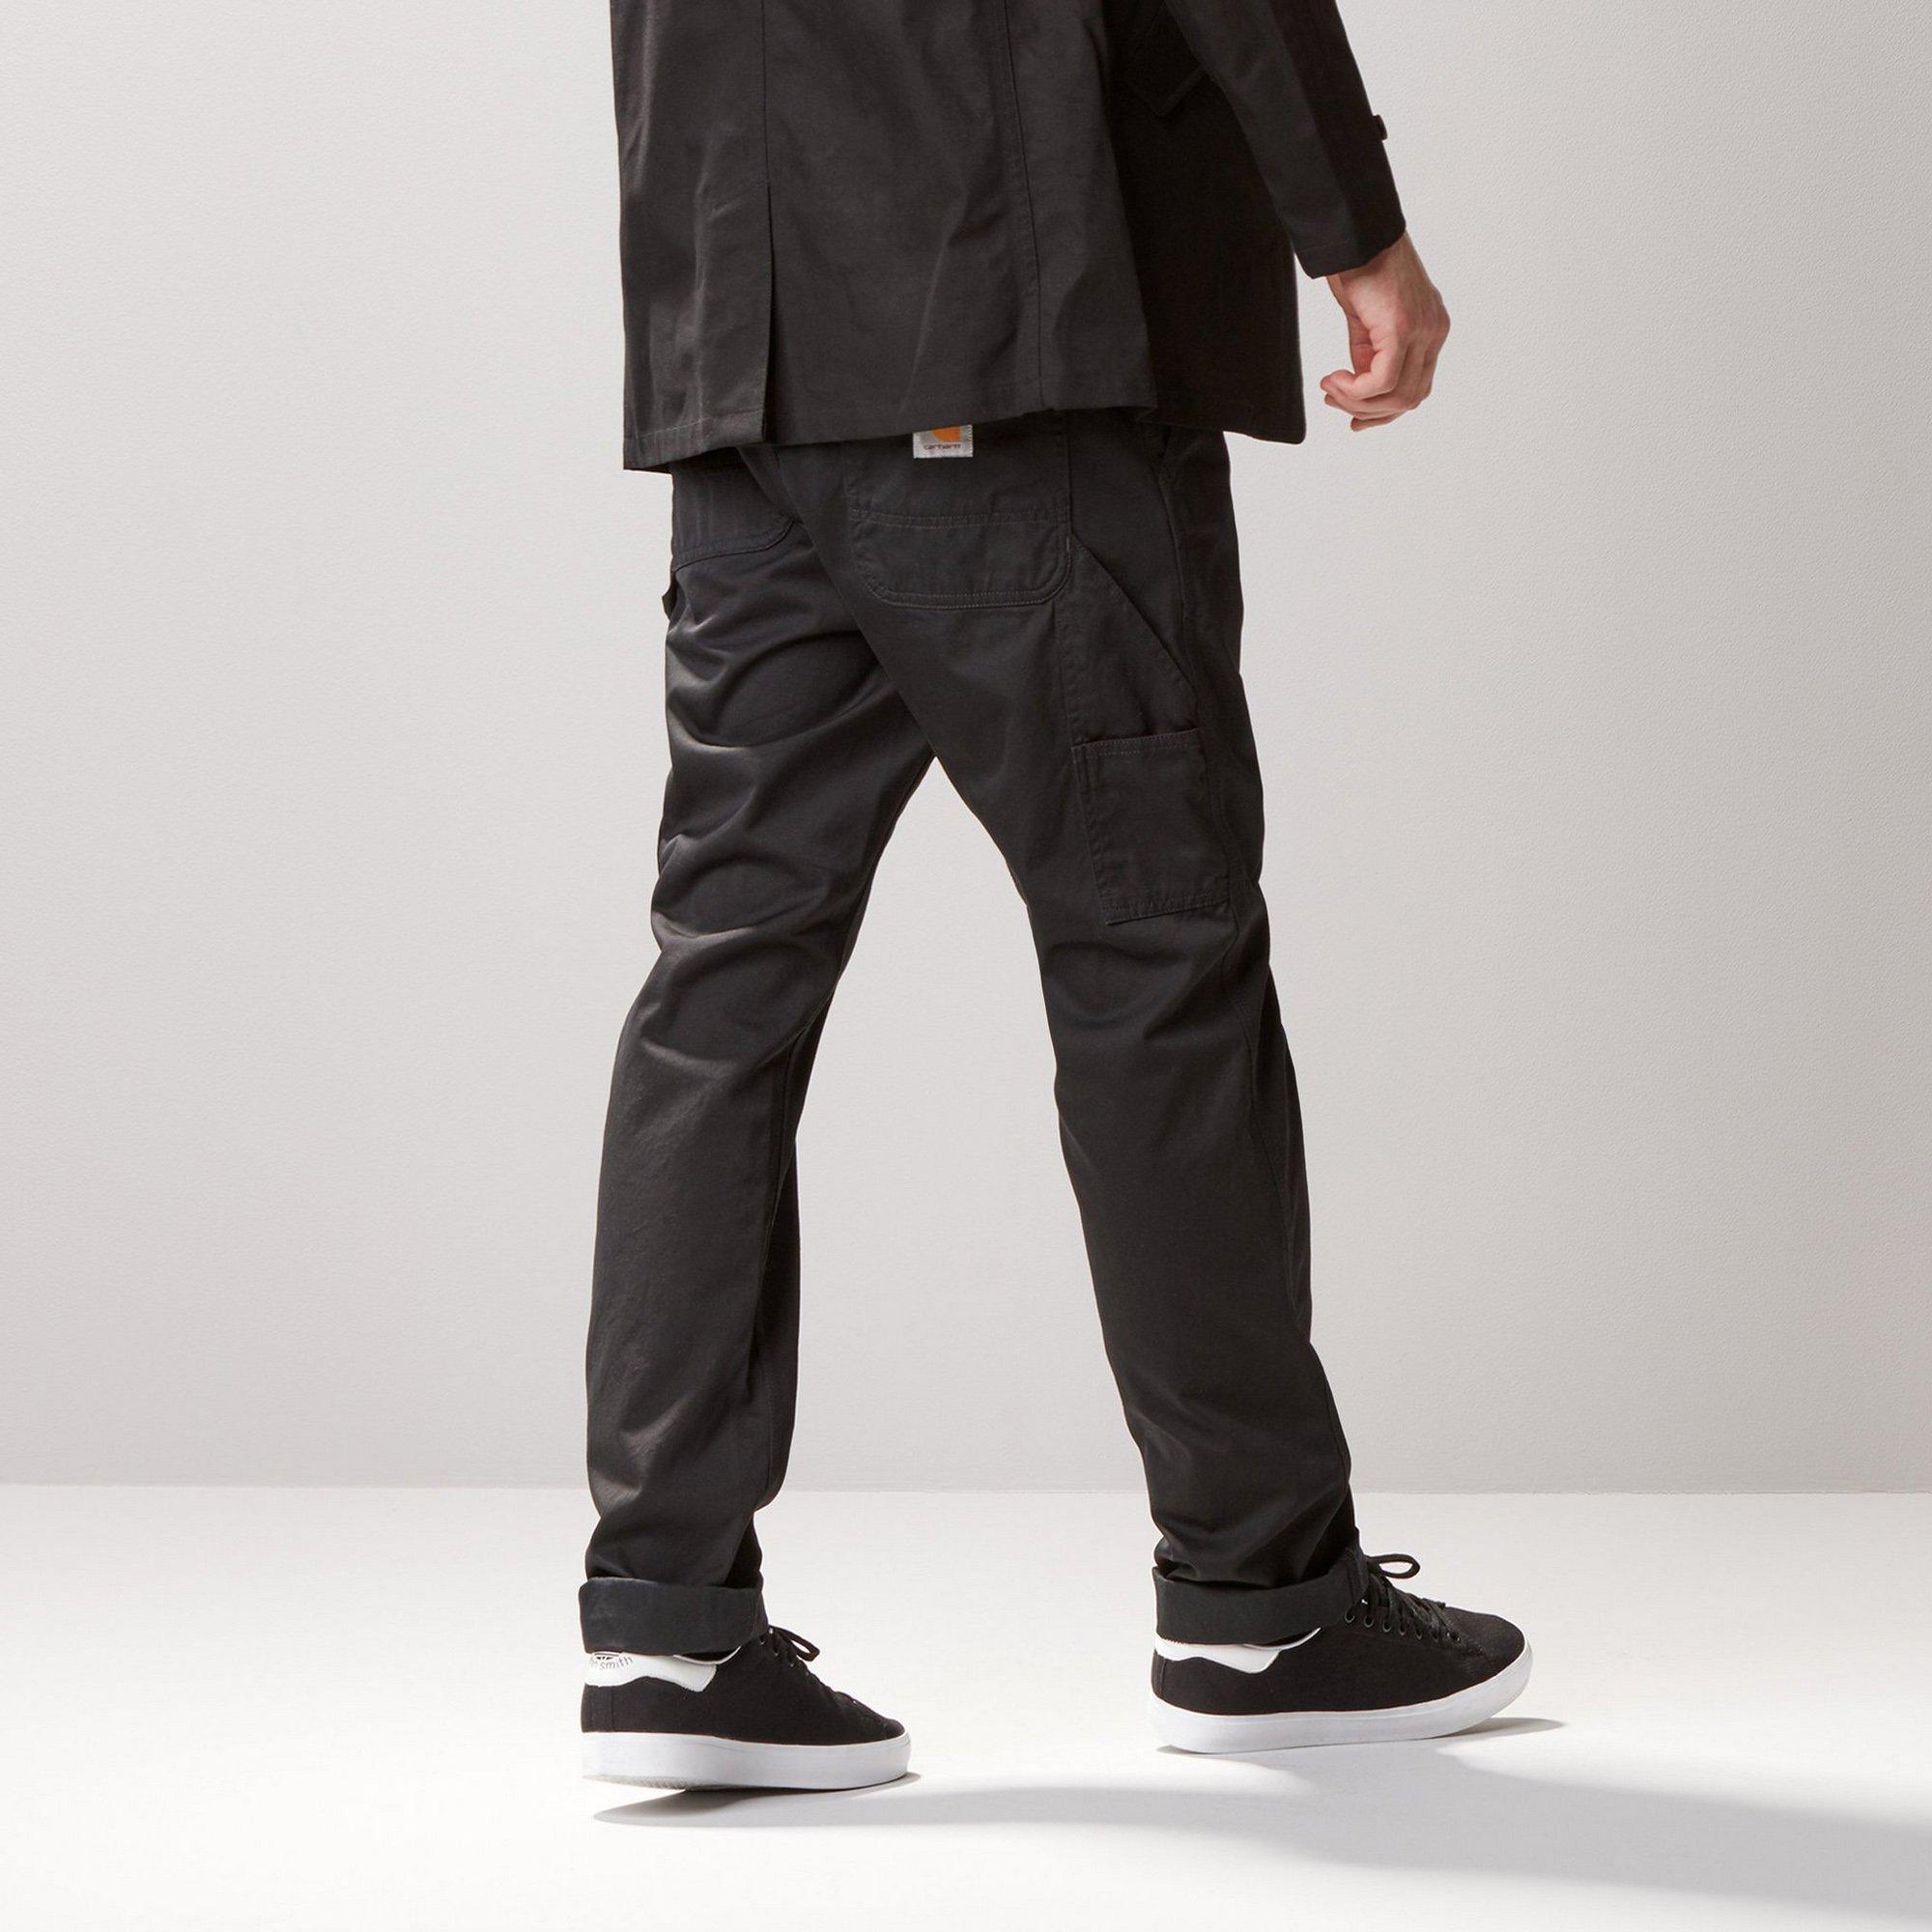 carhartt-ruck-single-knee-pants-black-1.jpg